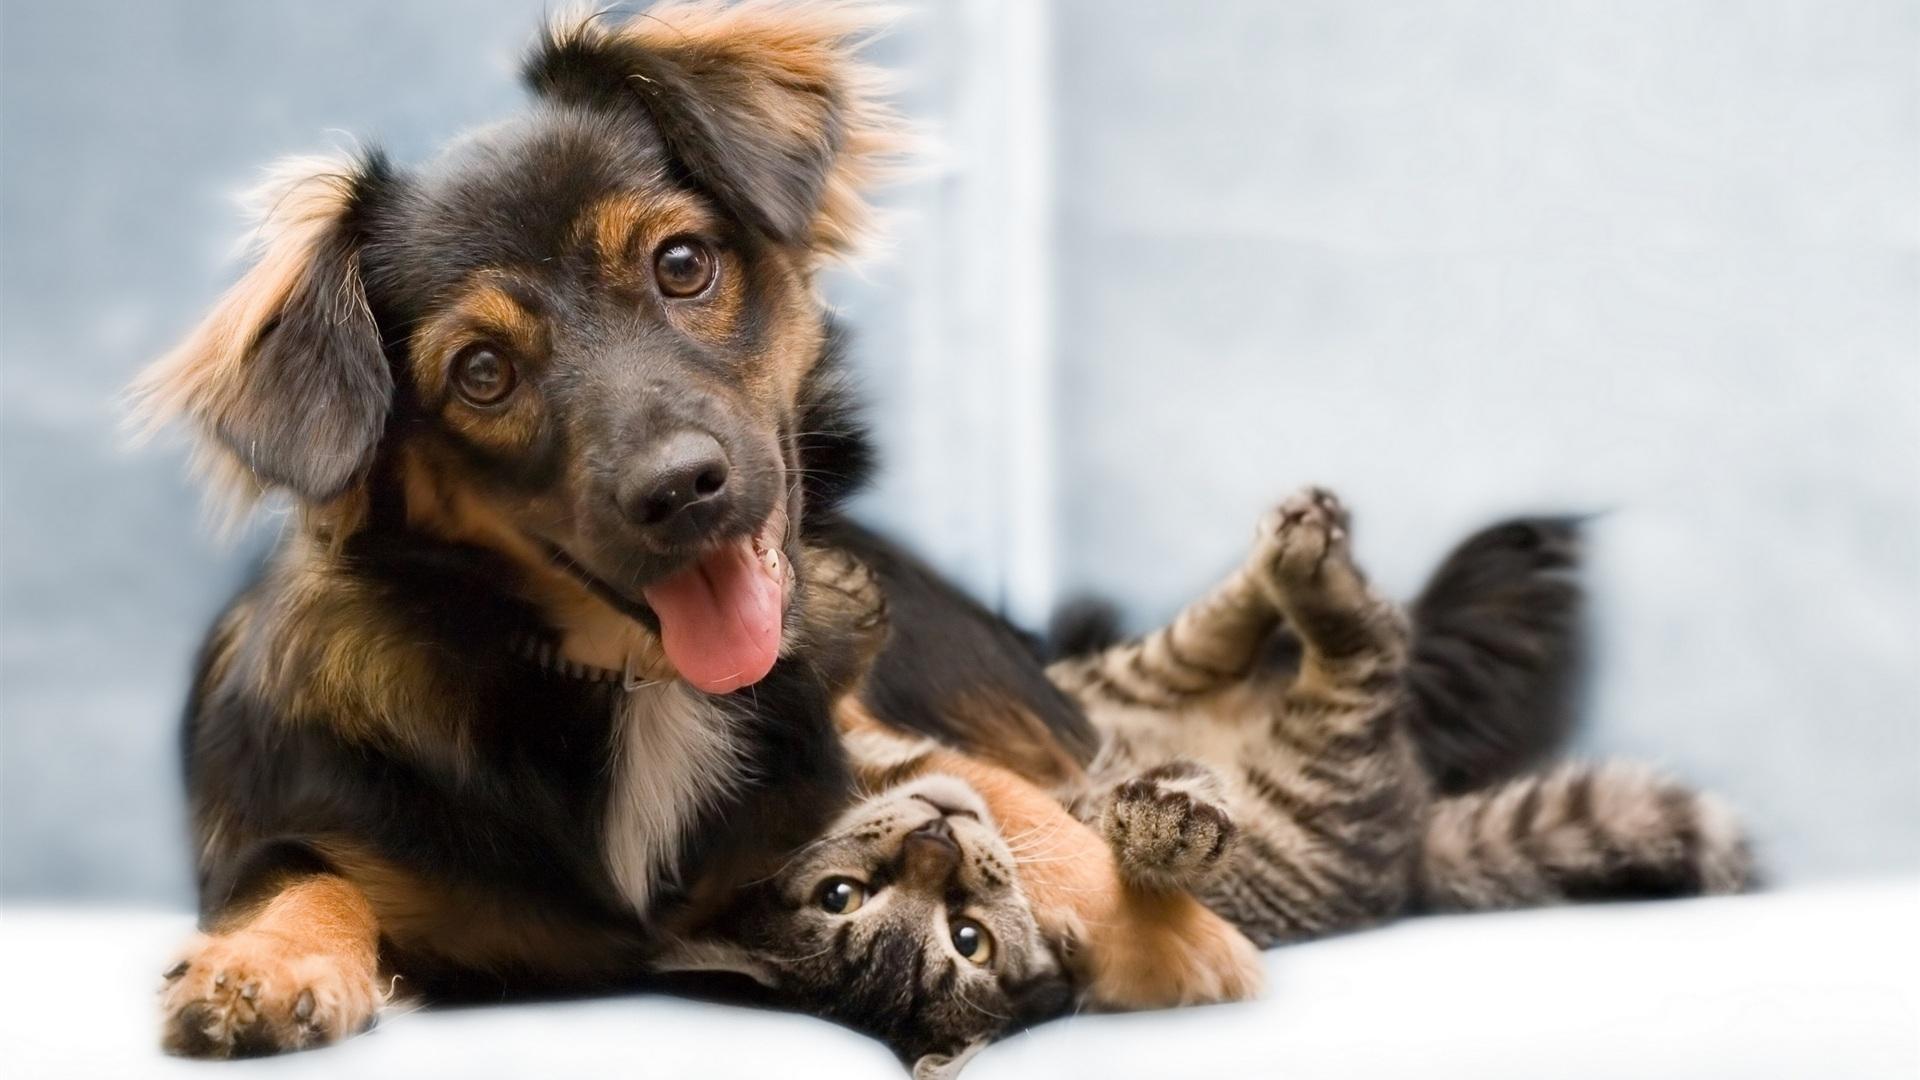 Dog Cat Wallpaper